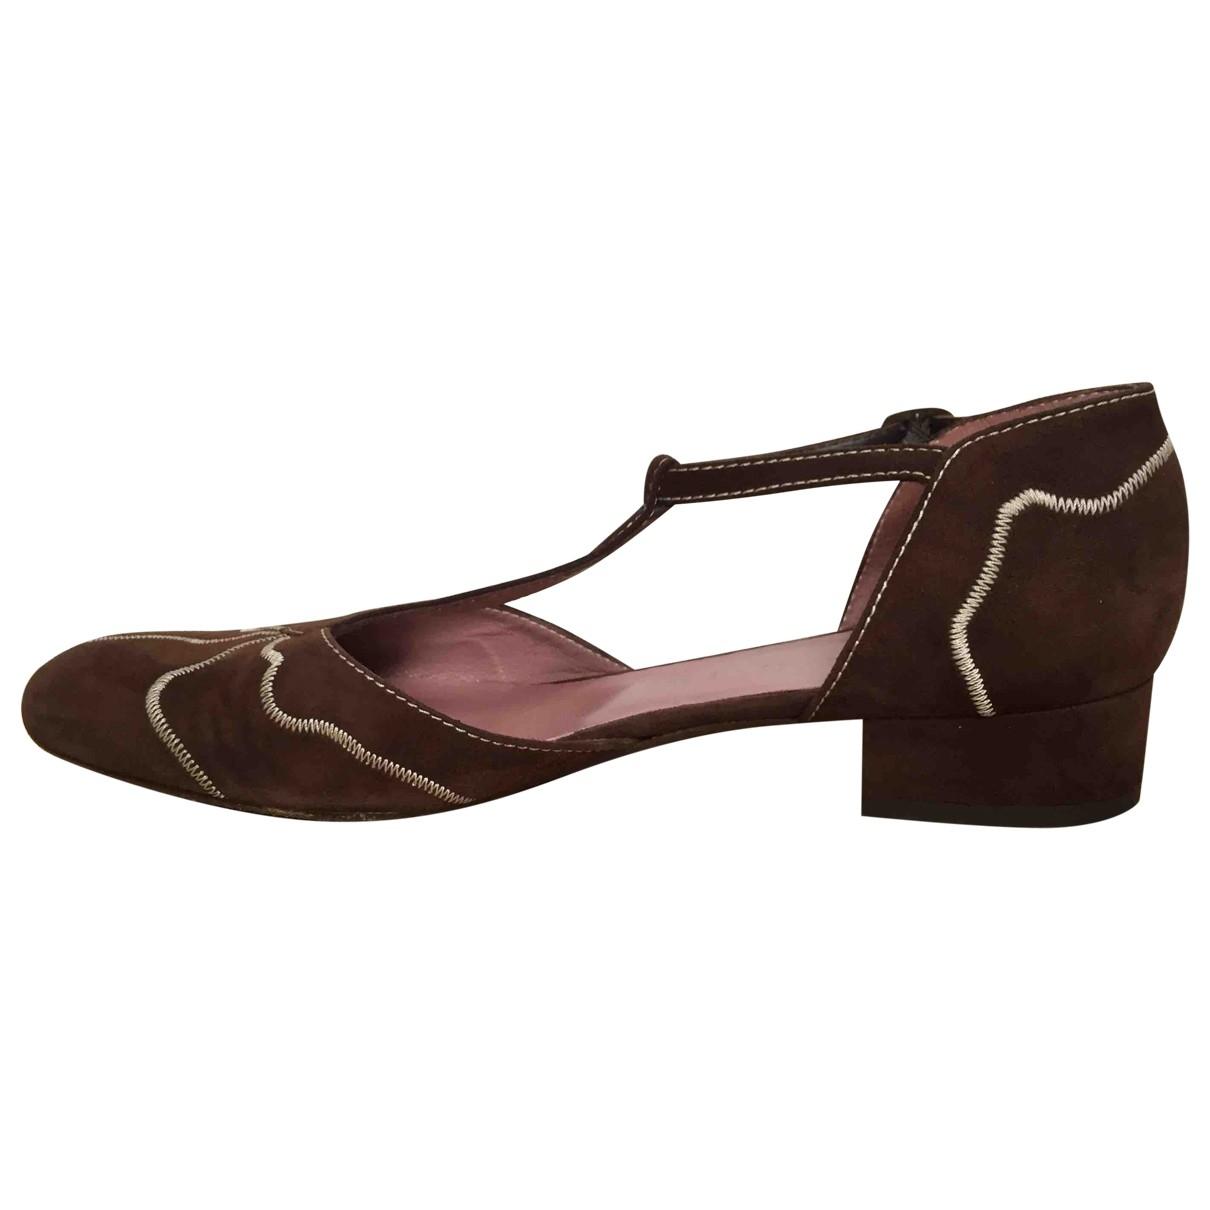 Marni - Escarpins   pour femme en cuir - marron